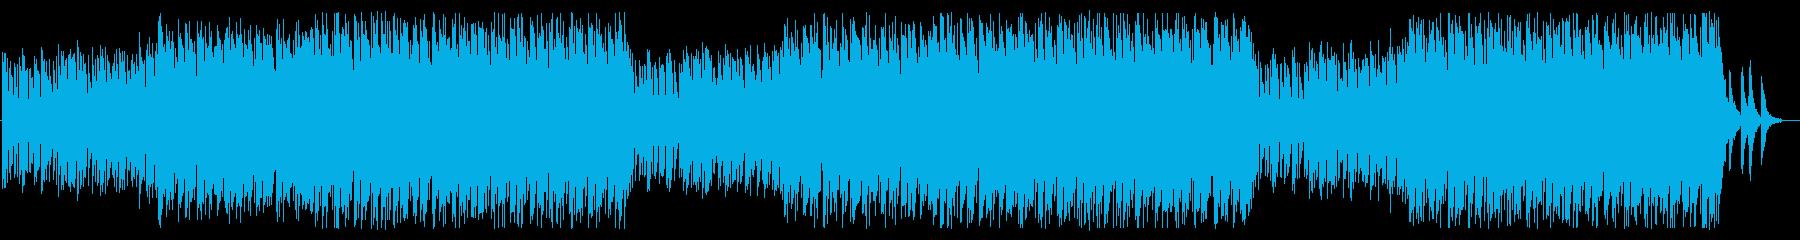 洋楽 フューチャーポップ ED おしゃれの再生済みの波形